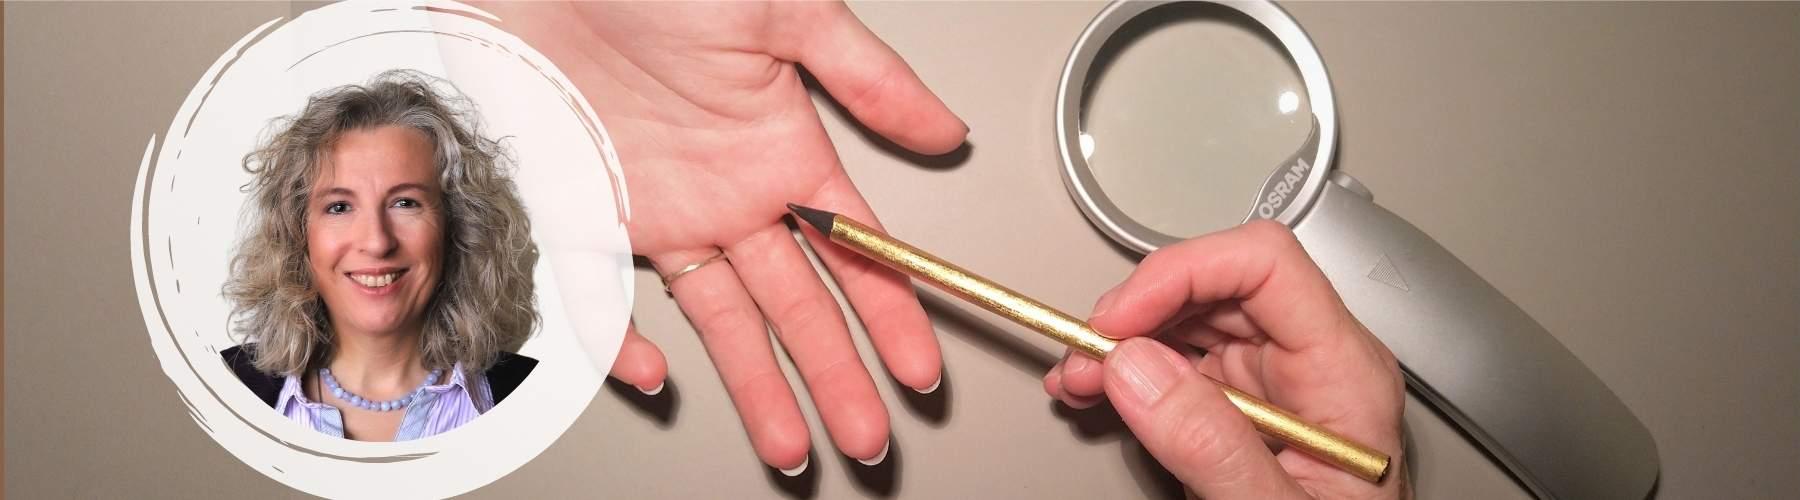 Hüppi Gisela Handanalyse Körperarbeit Seeleplan Fingerprint Fingerabdruck